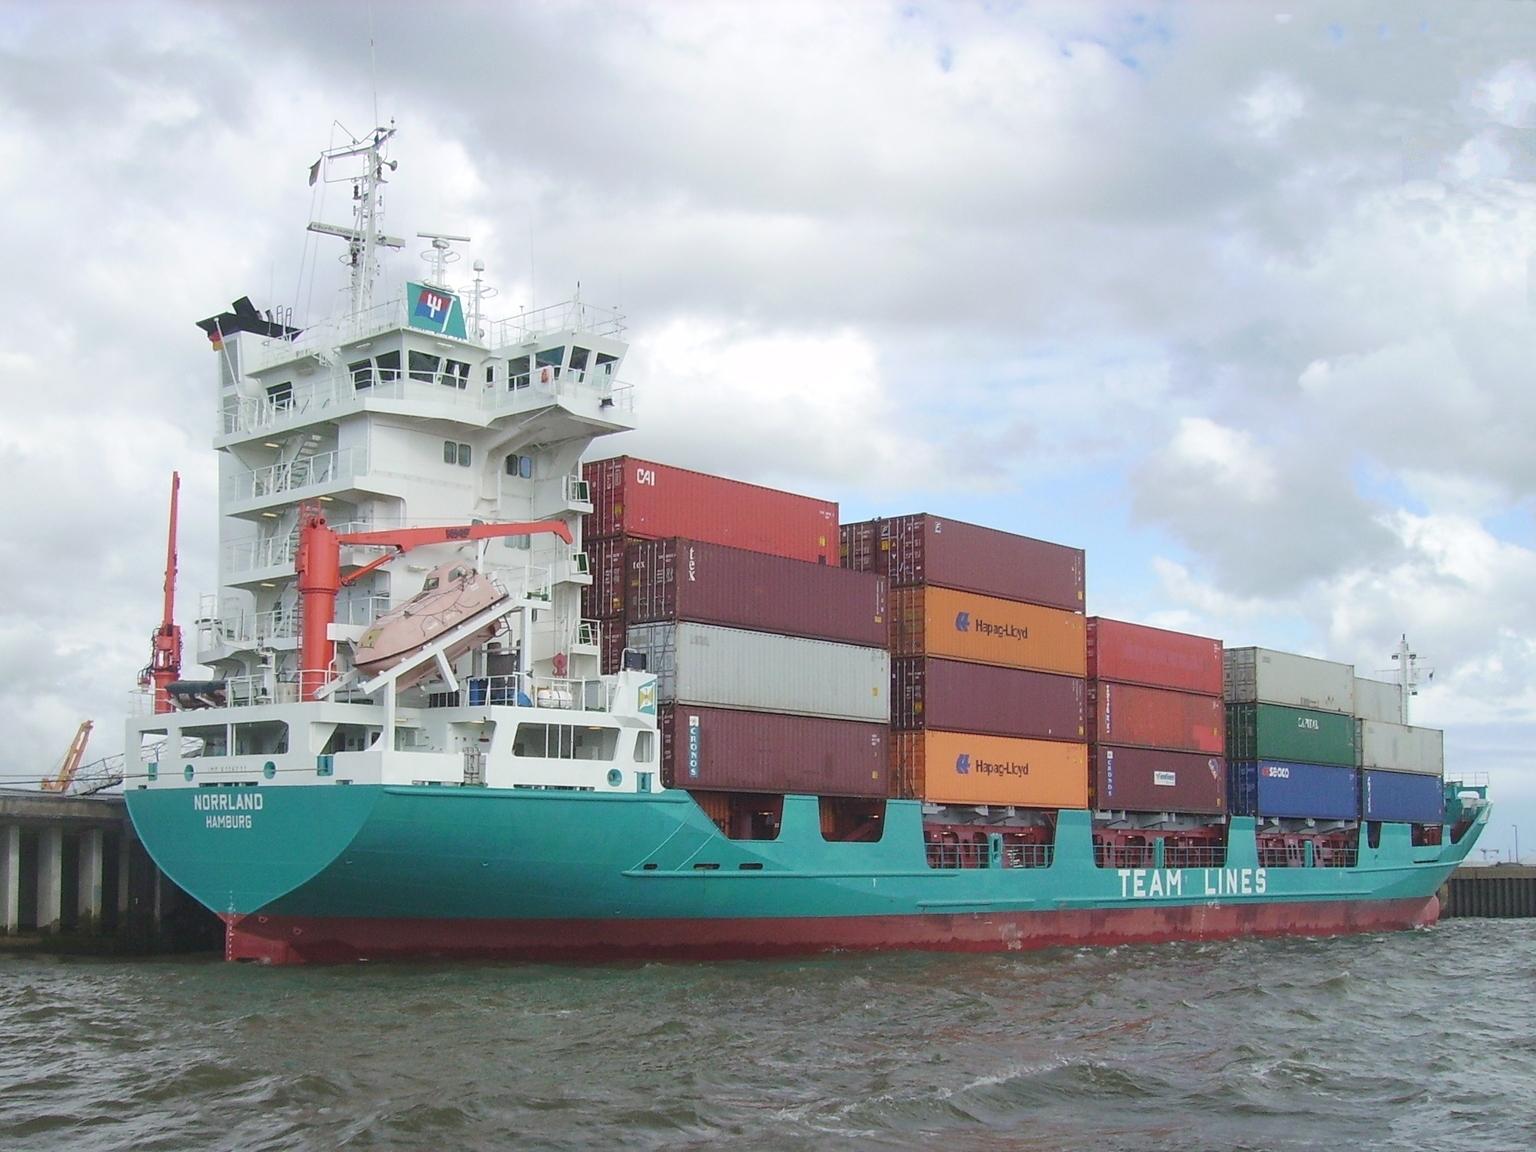 Bestcargo tổ chưc vận chuyển hàng hóa đường biển nội địa